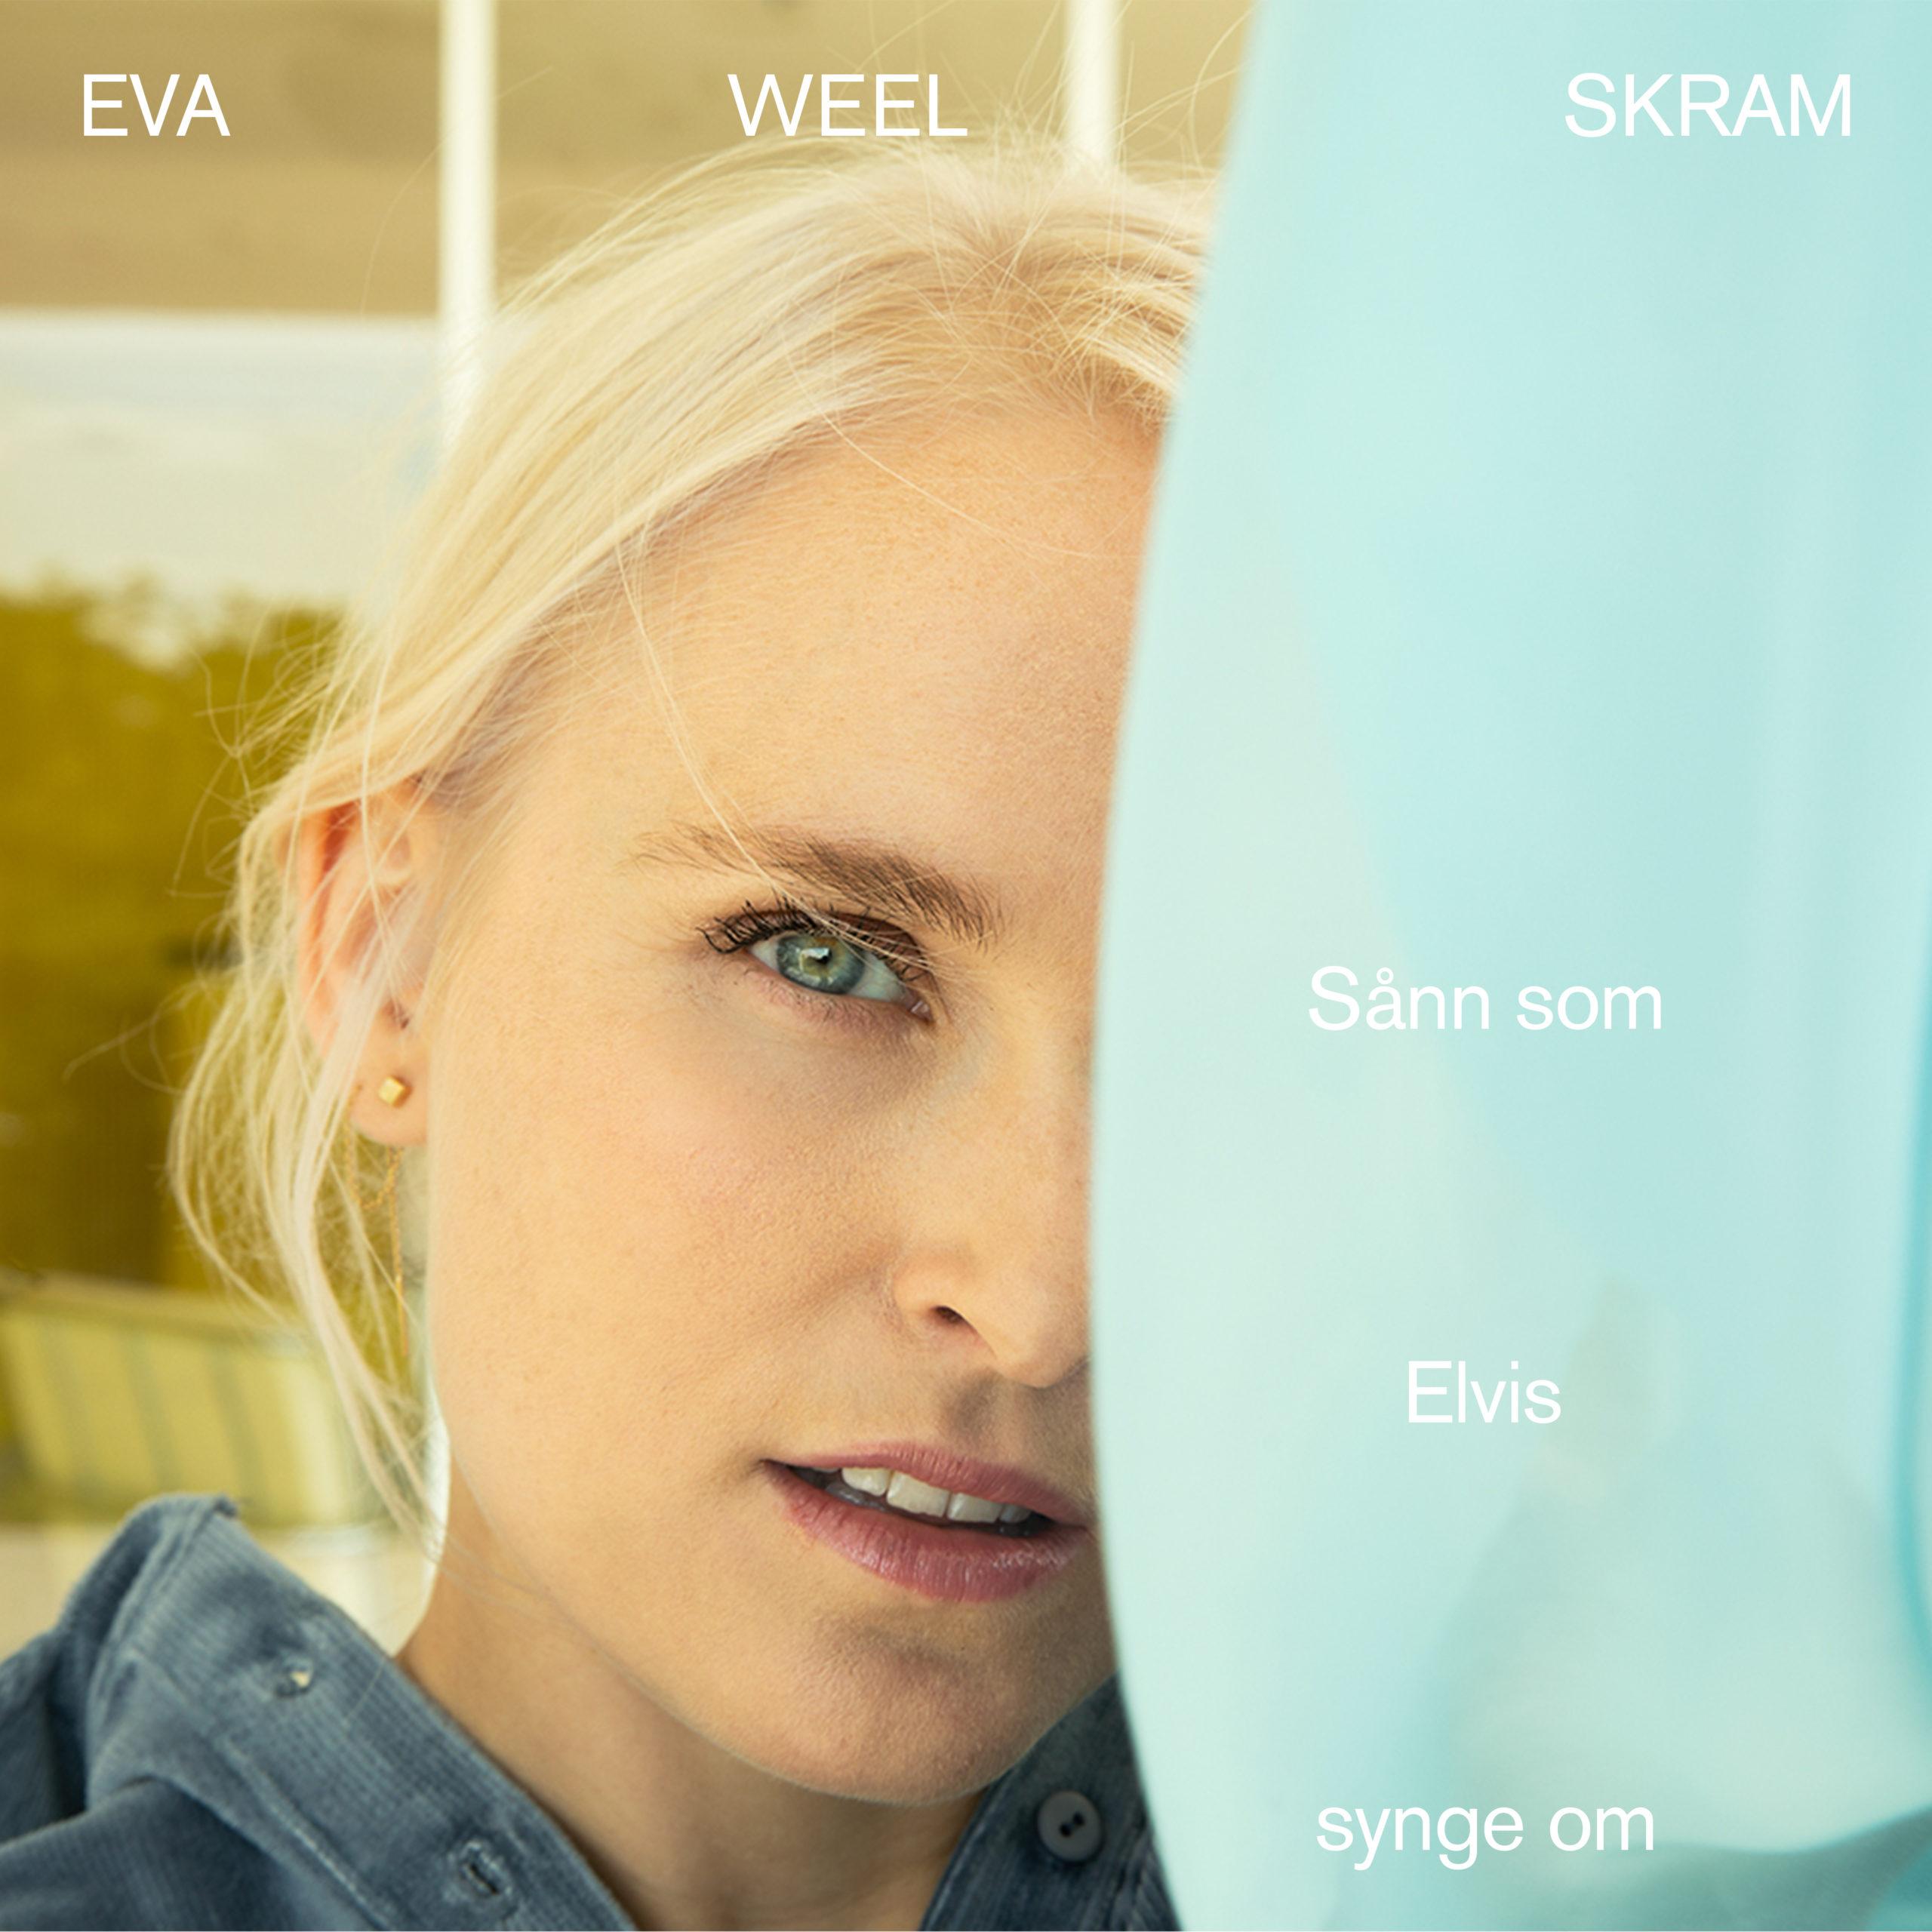 Eva Weel Skram - Sånn som Elvis synge om